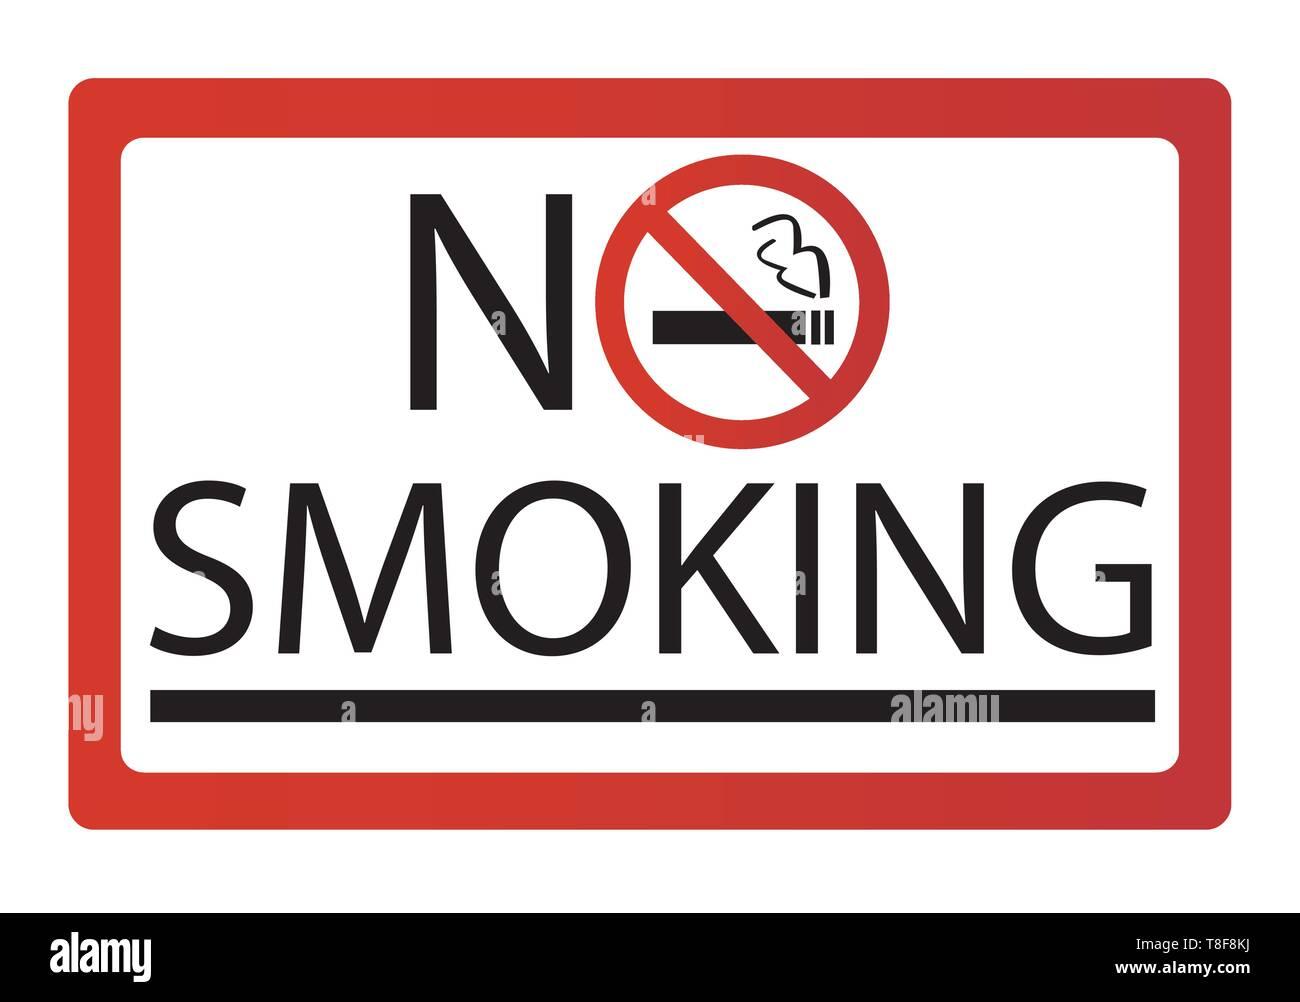 No smoking sign vector - Stock Image